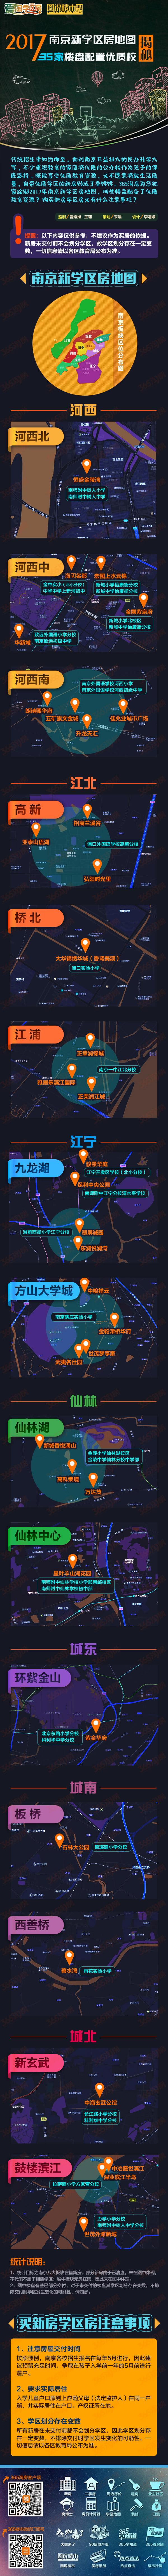 2017南京新学区房地图